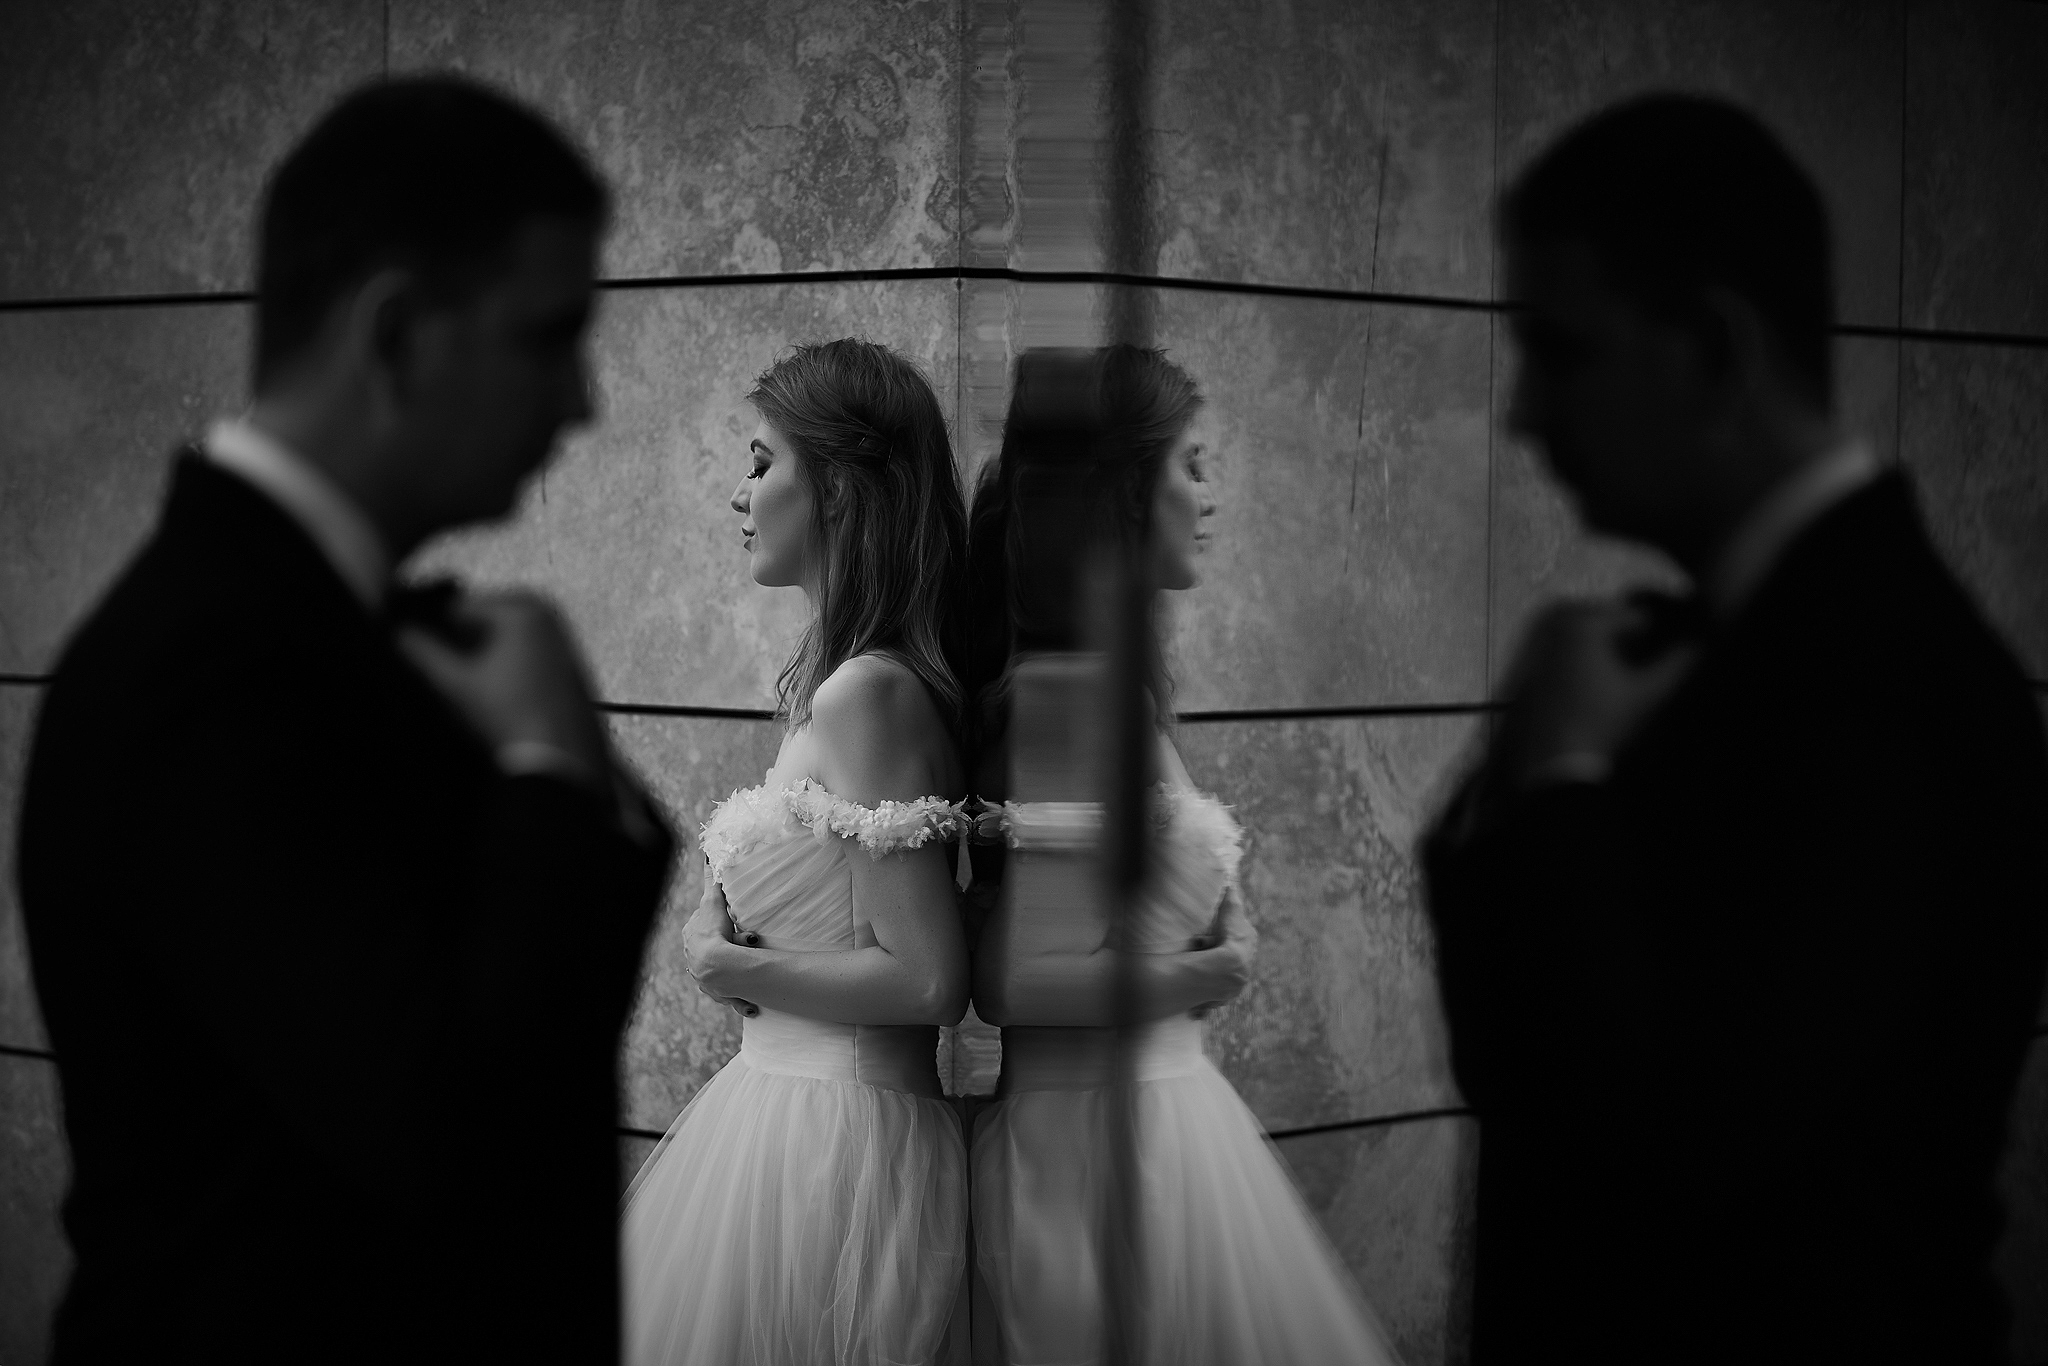 fotograf nunta constanta 26